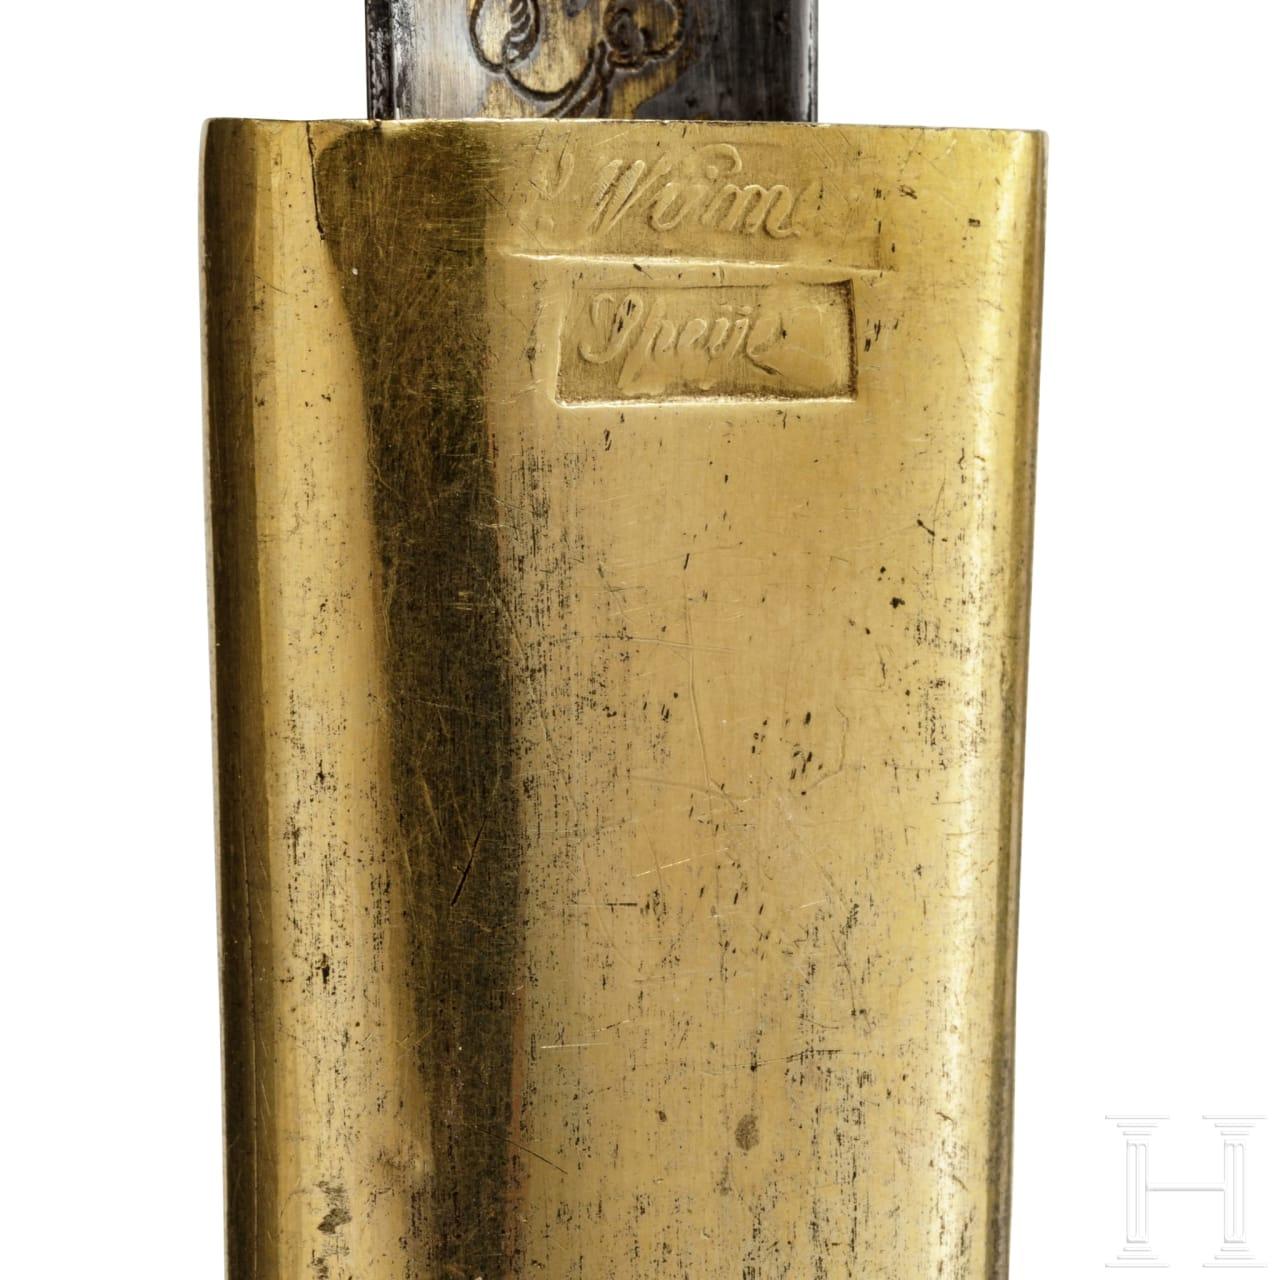 Silbermontierter und vergoldeter Degen für höhere Beamte, Bayern, um 1806